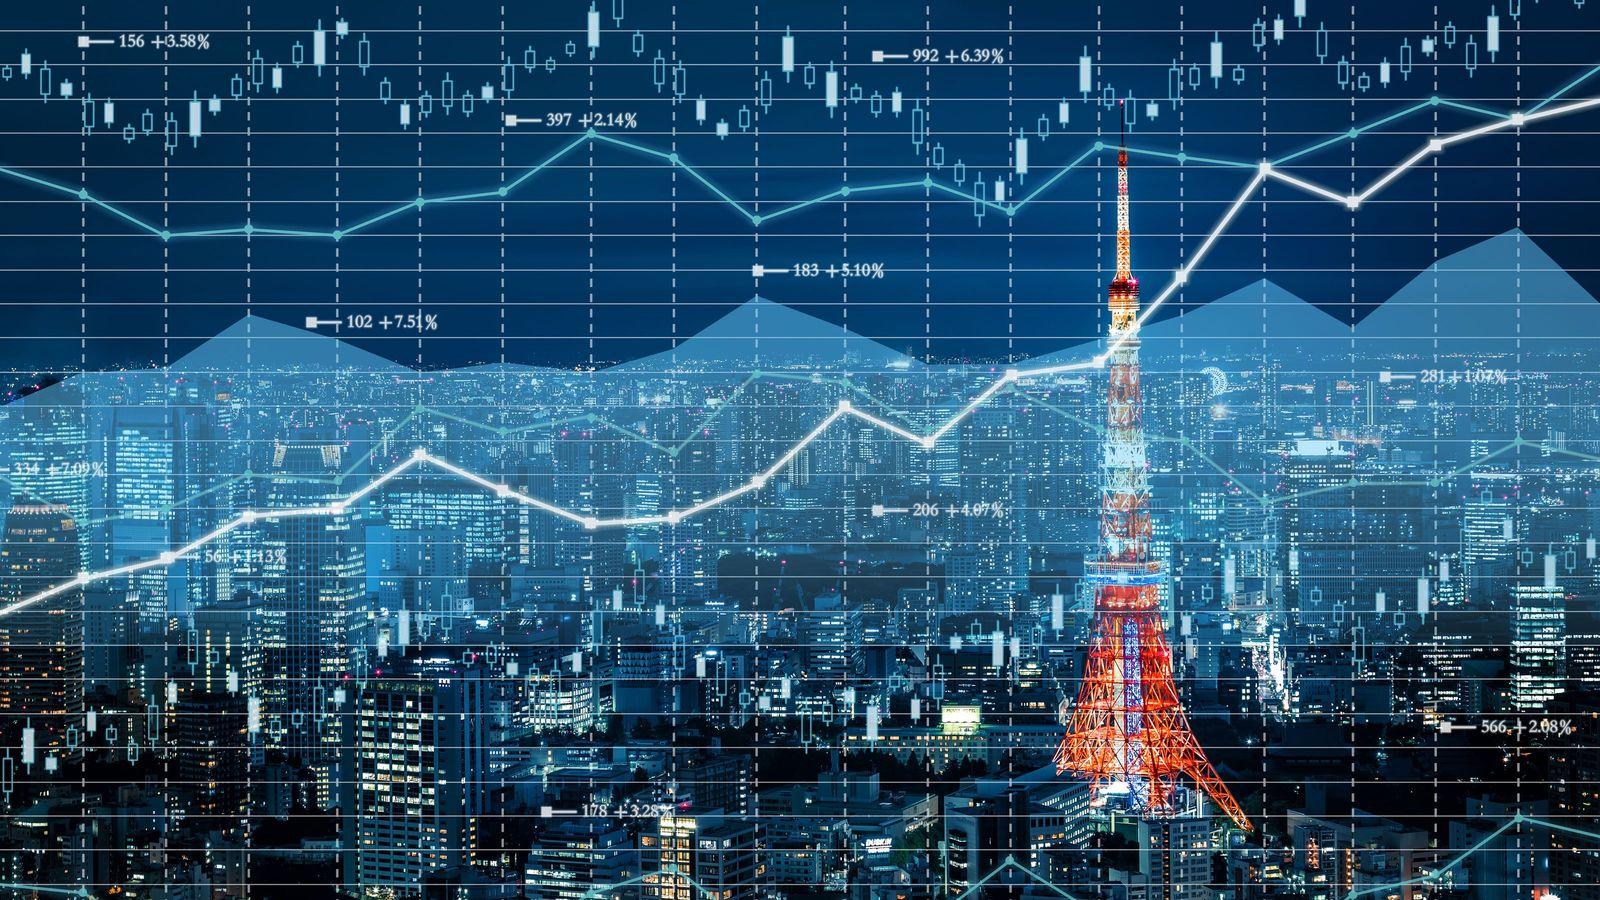 """投資家に逃げられない東証の""""再編""""のしかた 「流動性」が市場の重要なポイント"""